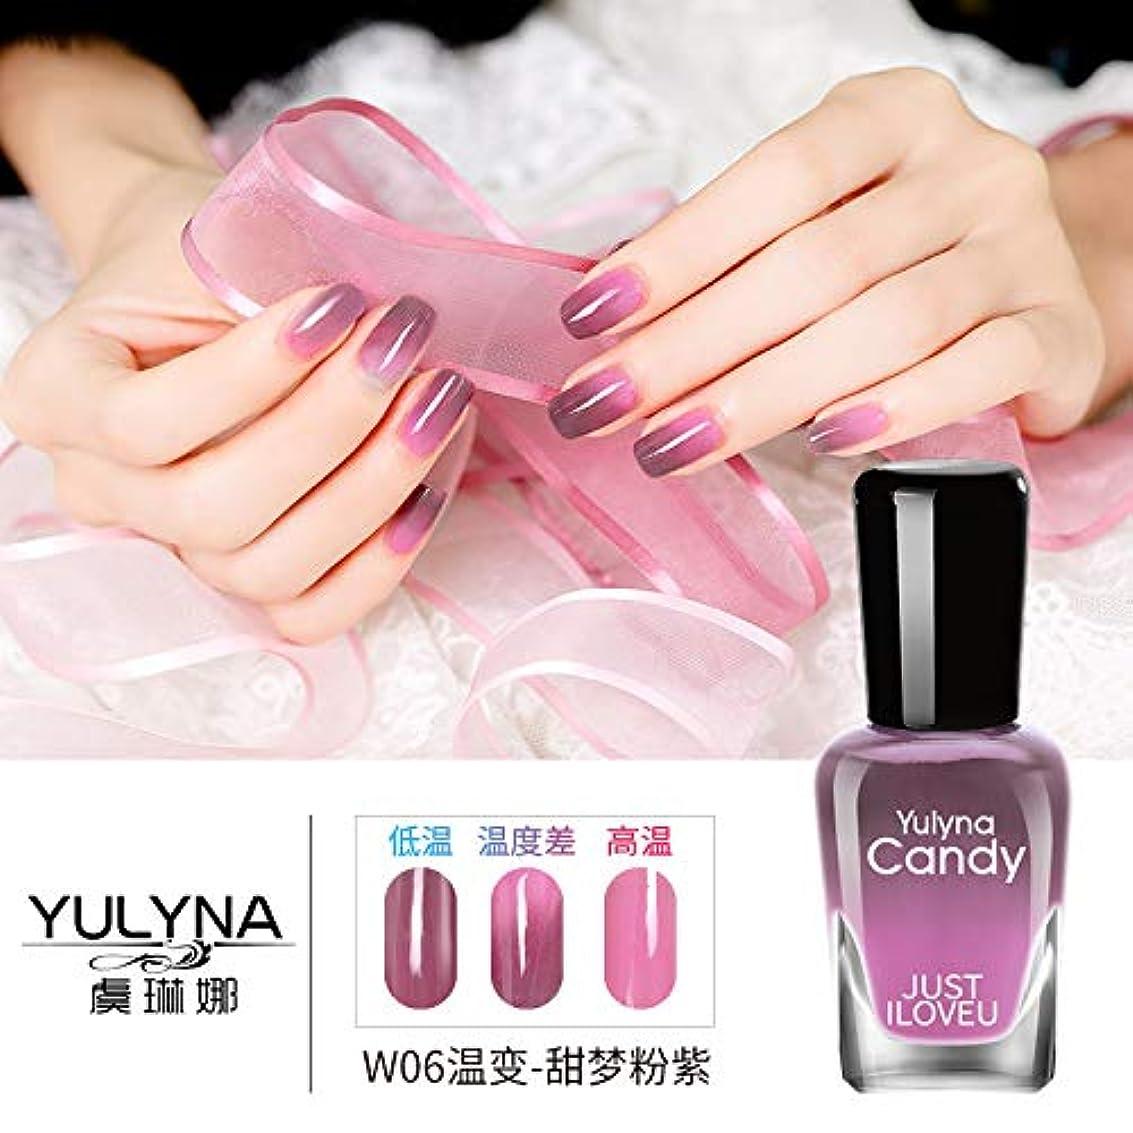 国取る礼拝油性温度変化マニキュア卸売Unpeelable耐久性と速乾性7(ml)7 ml Sweet Dream Pink-W06 2パック